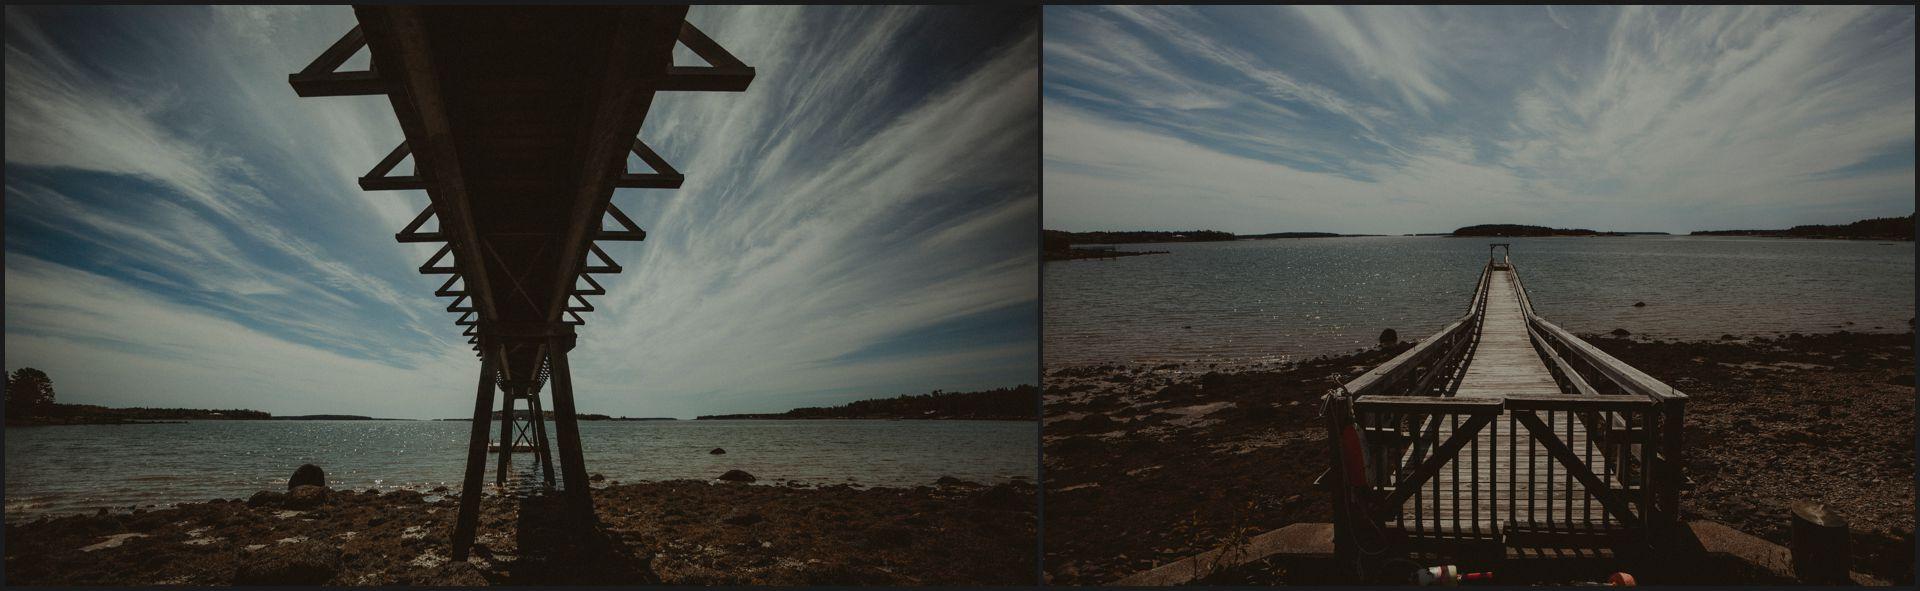 landscape, maine, acadia national park, beach, ocean